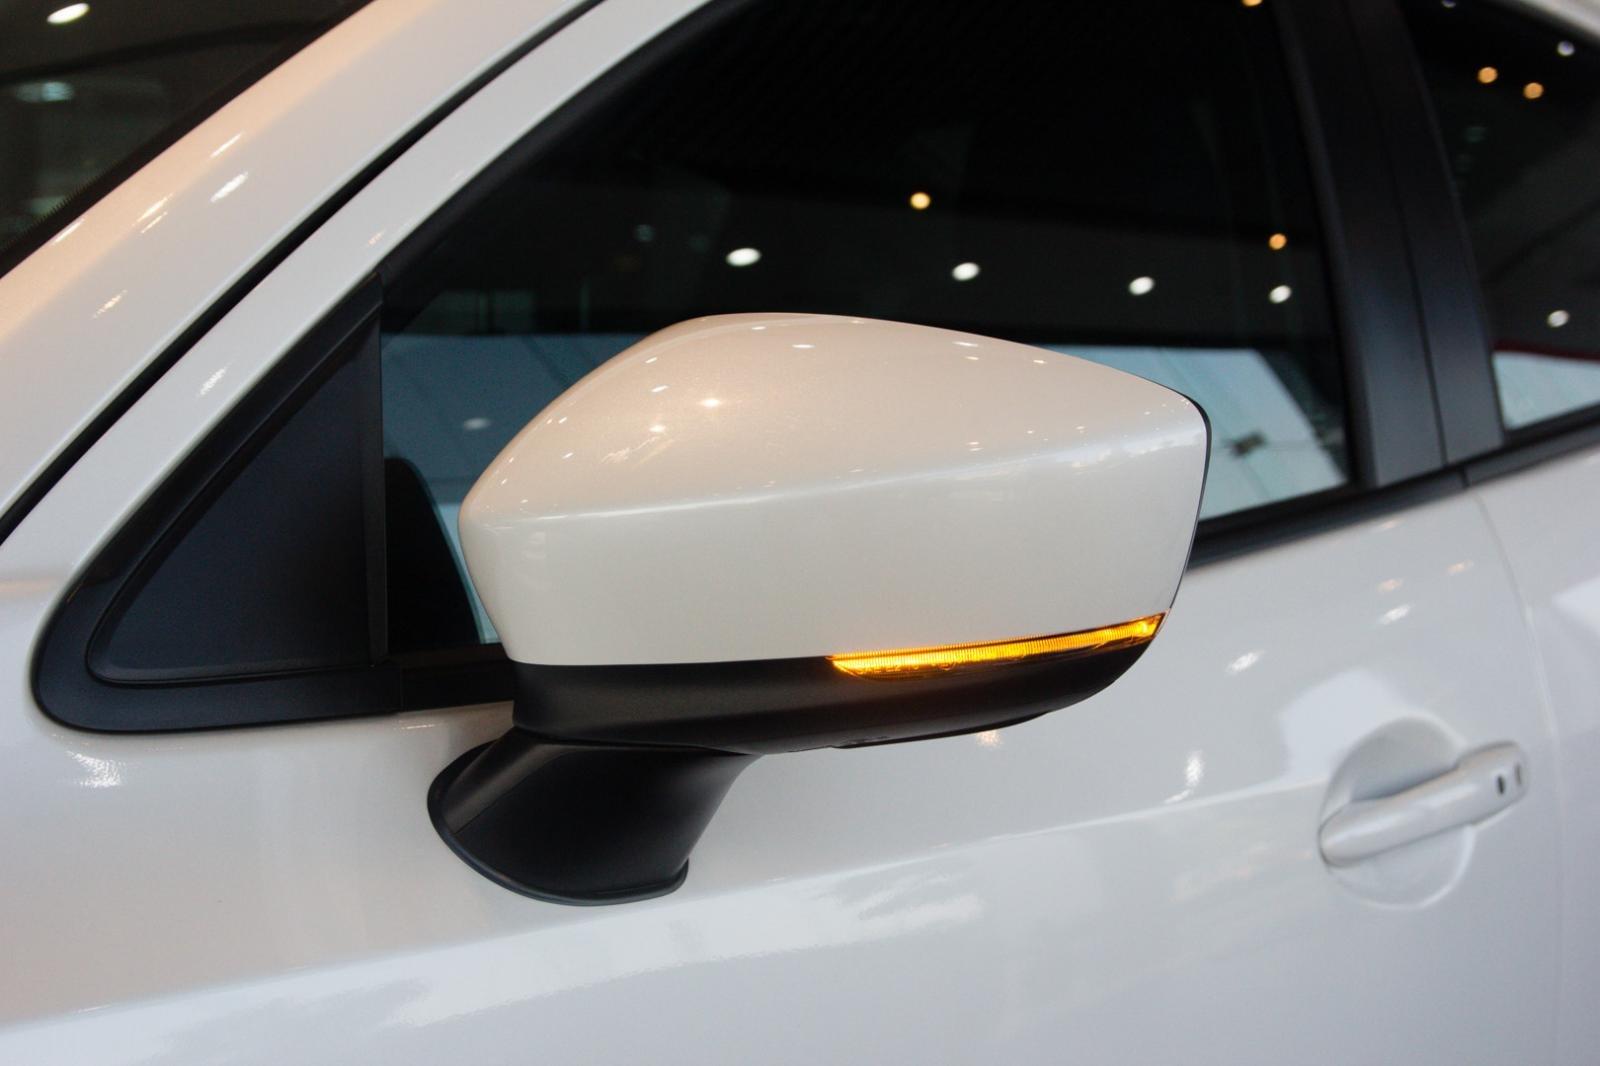 Ảnh chụp gương xe Mazda 2 2019-2020